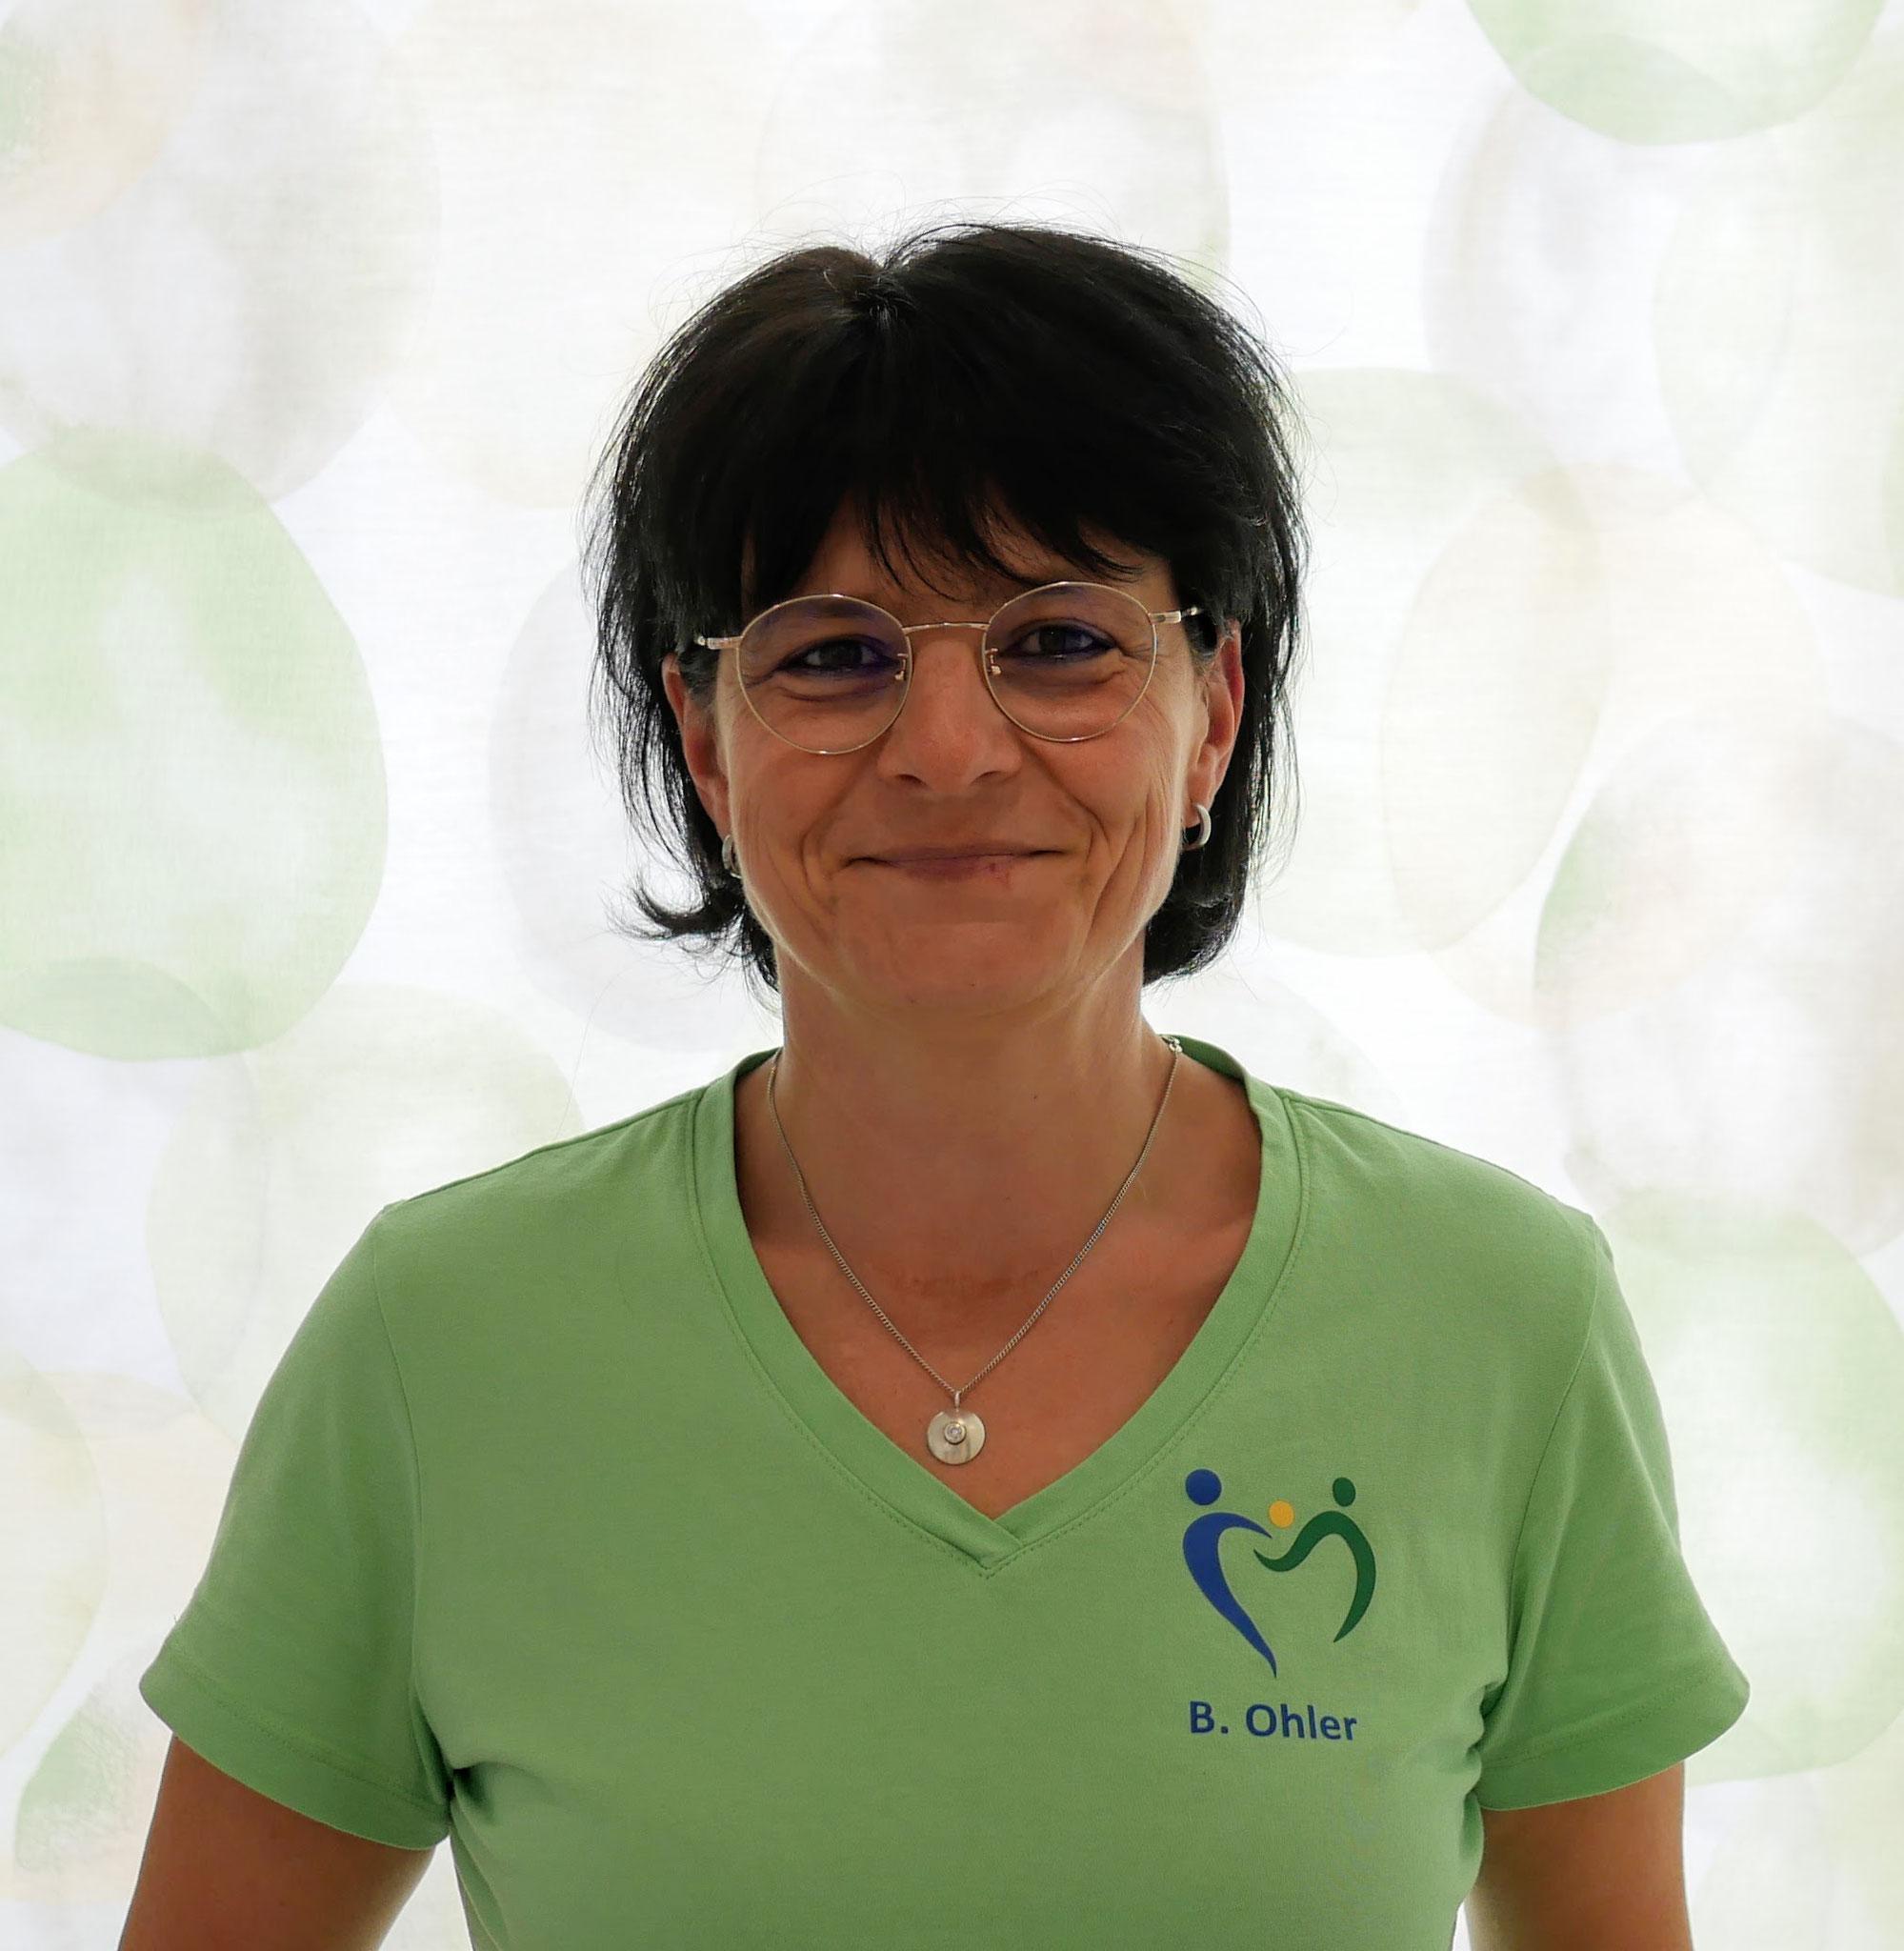 Bianca Ohler - Teamleitung, medizinische Fachangestellte, mobile Versorgung (VERAH)